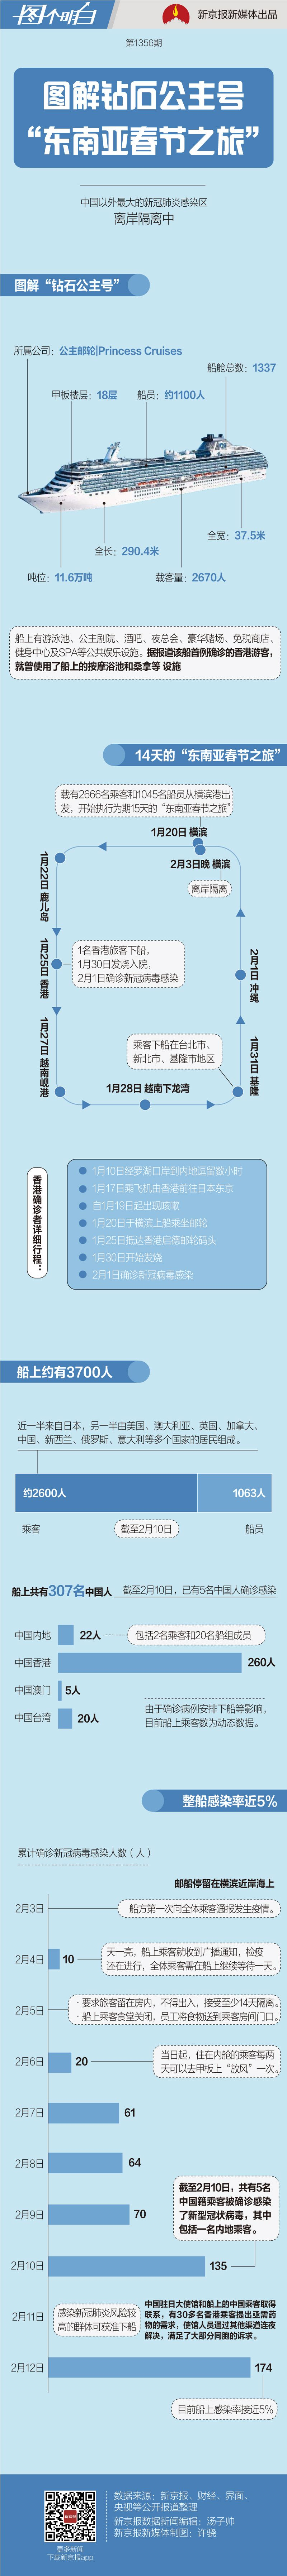 """日本""""钻石公主号""""疫情再扩大 船上有约300名中国人图片"""